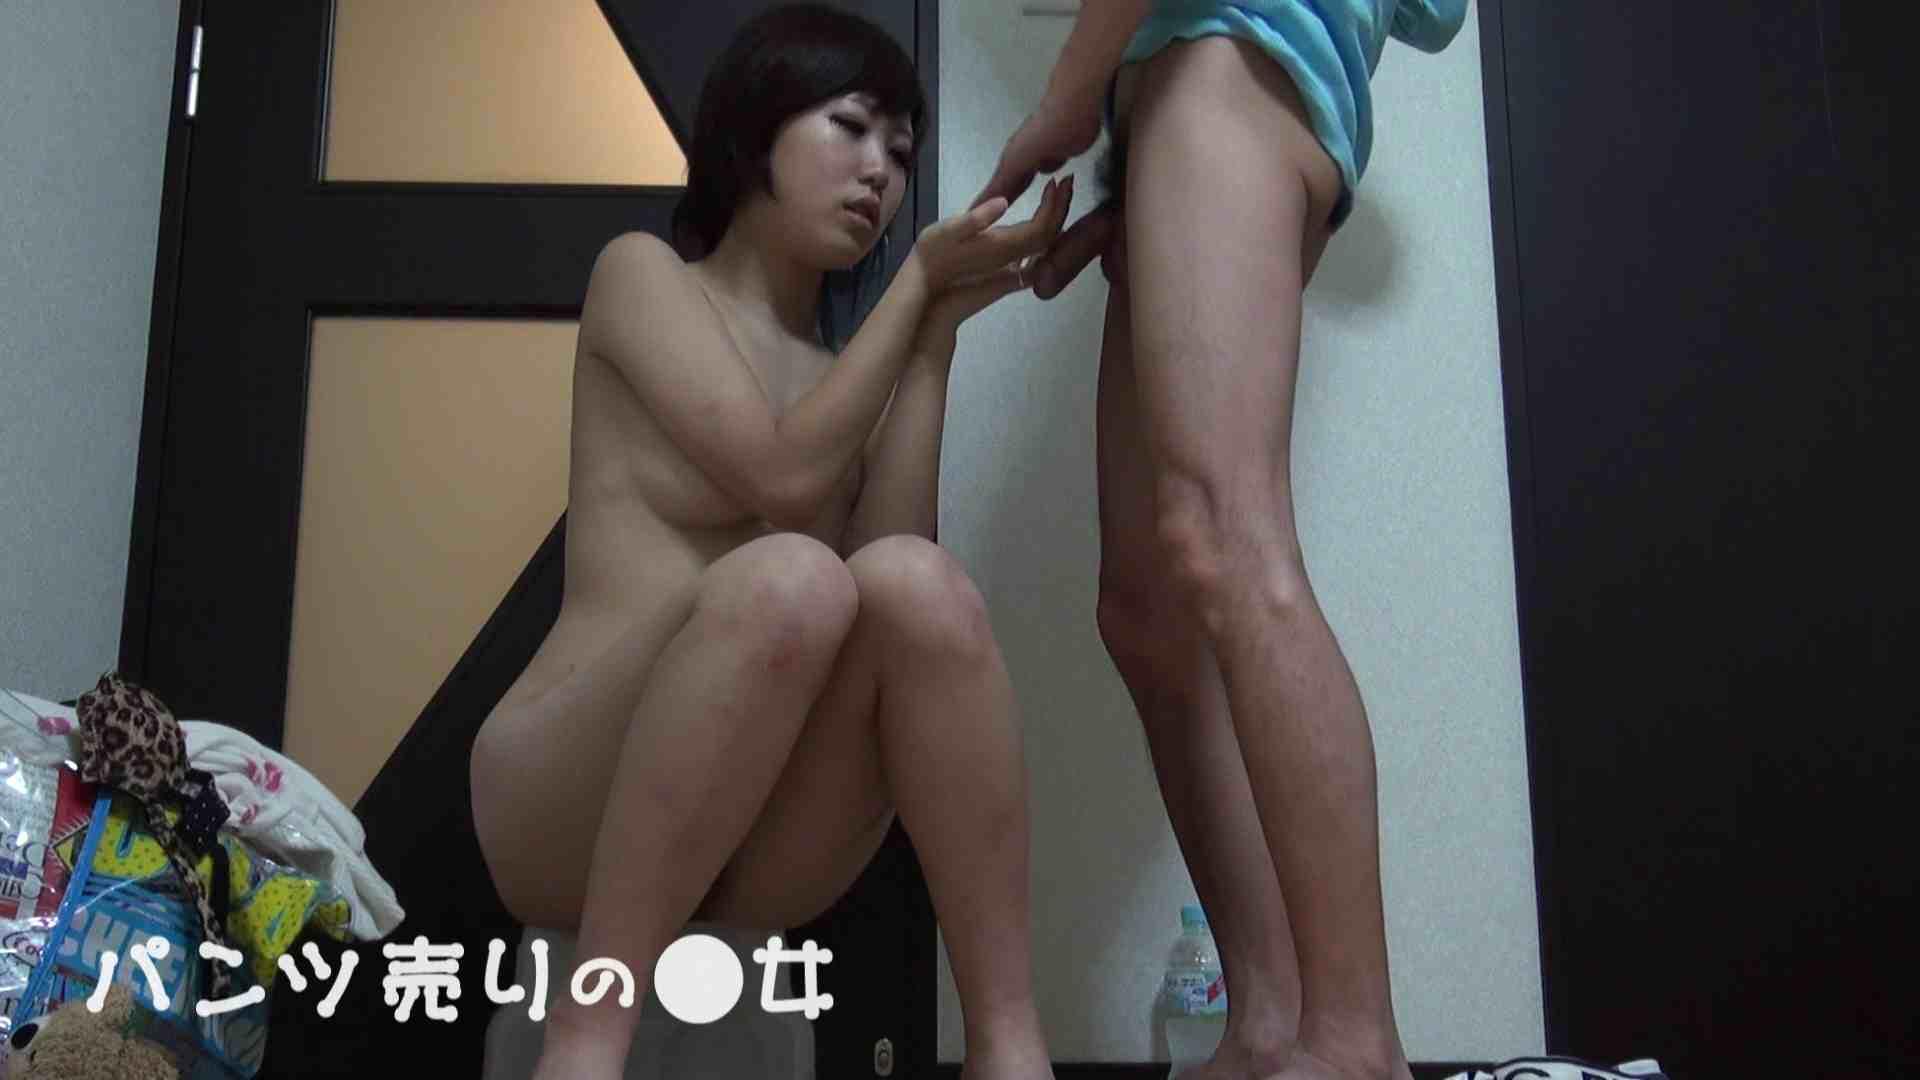 新説 パンツ売りの女の子nana02 覗き 隠し撮りオマンコ動画紹介 103PIX 63